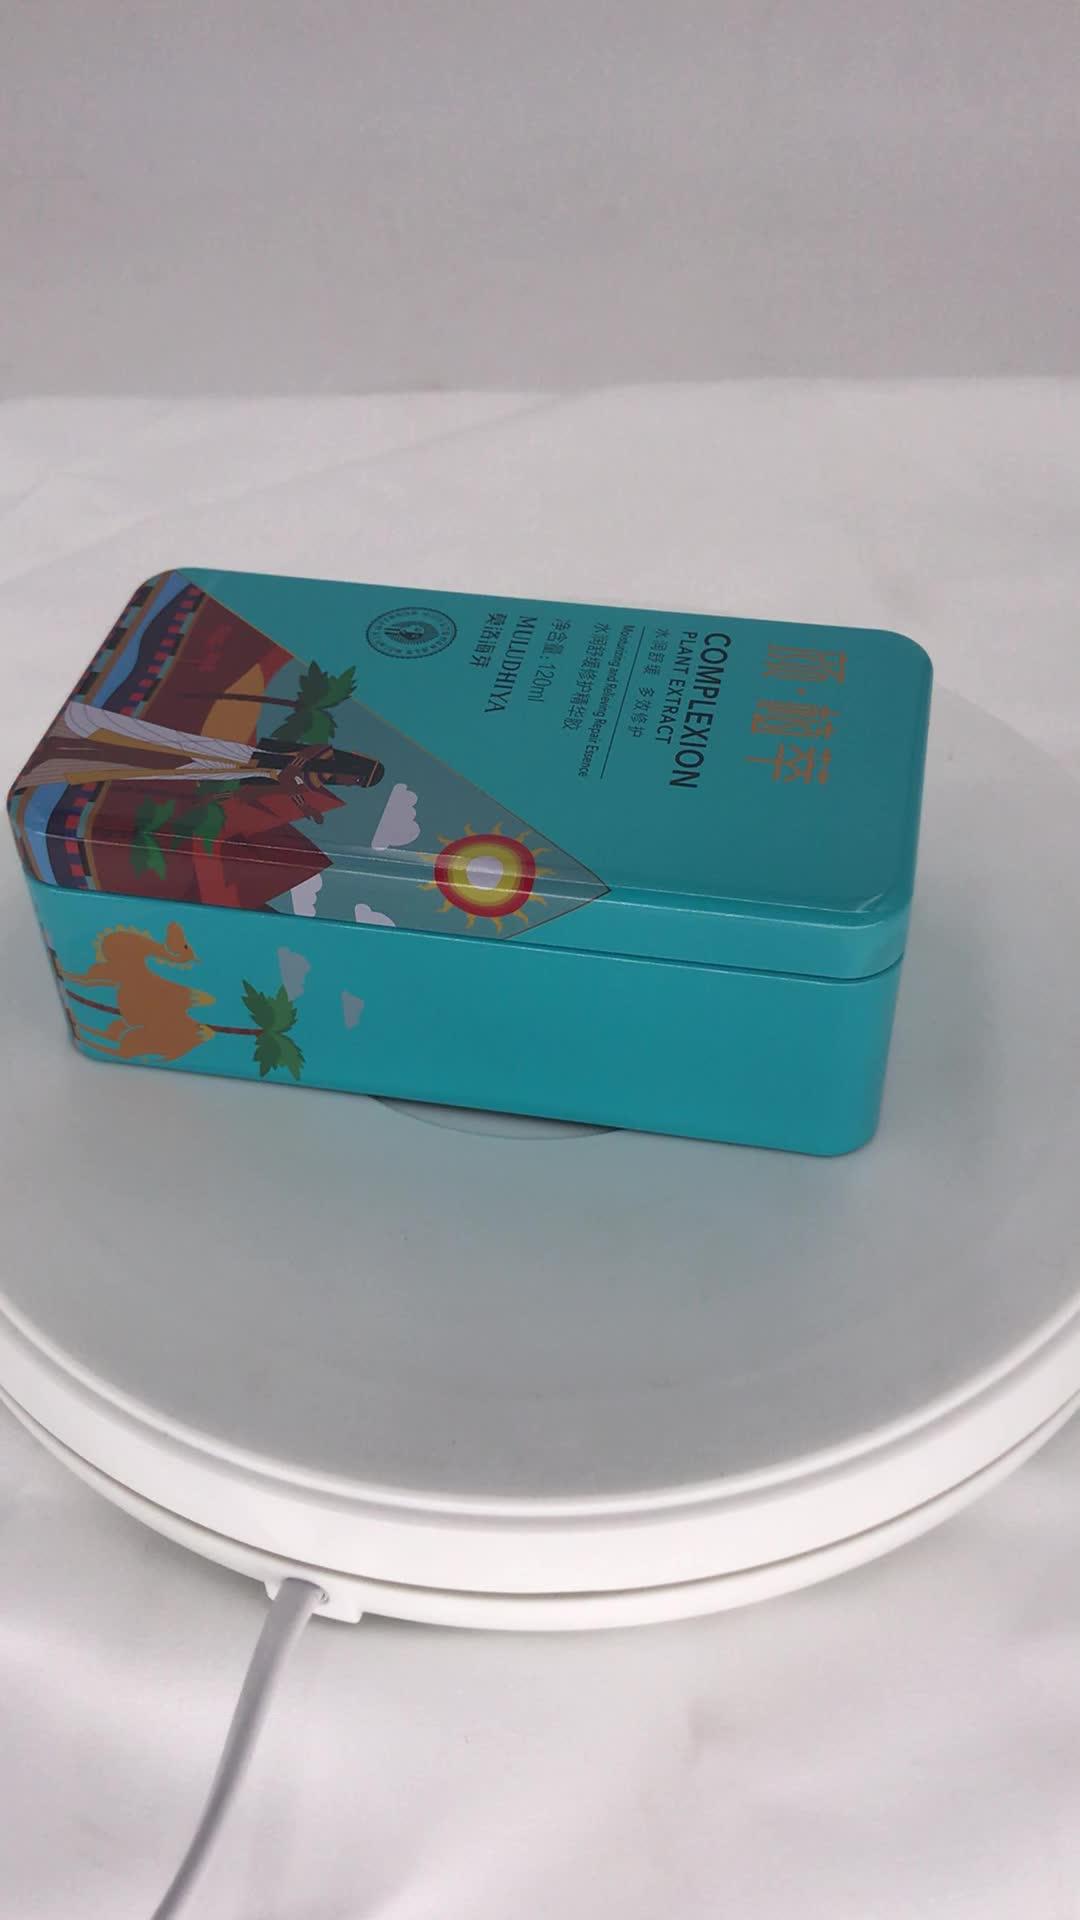 长方形马口铁化妆品盒 马口铁面膜盒 精美面膜金属铁盒定制厂家